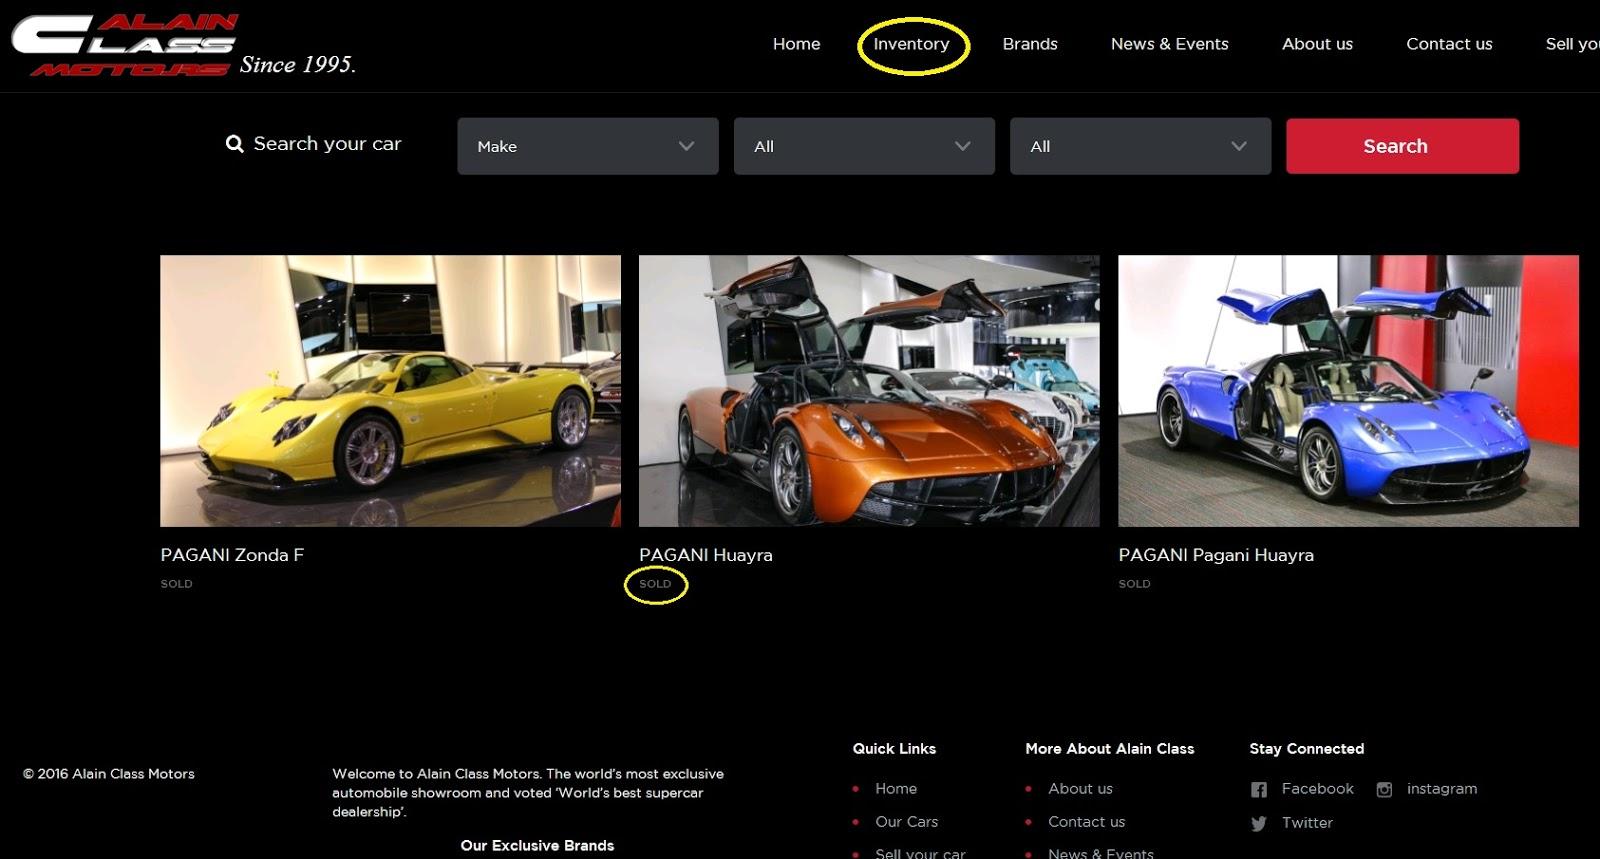 Trang chủ Alain Class Motor xác nhận đã bán hết Pagani